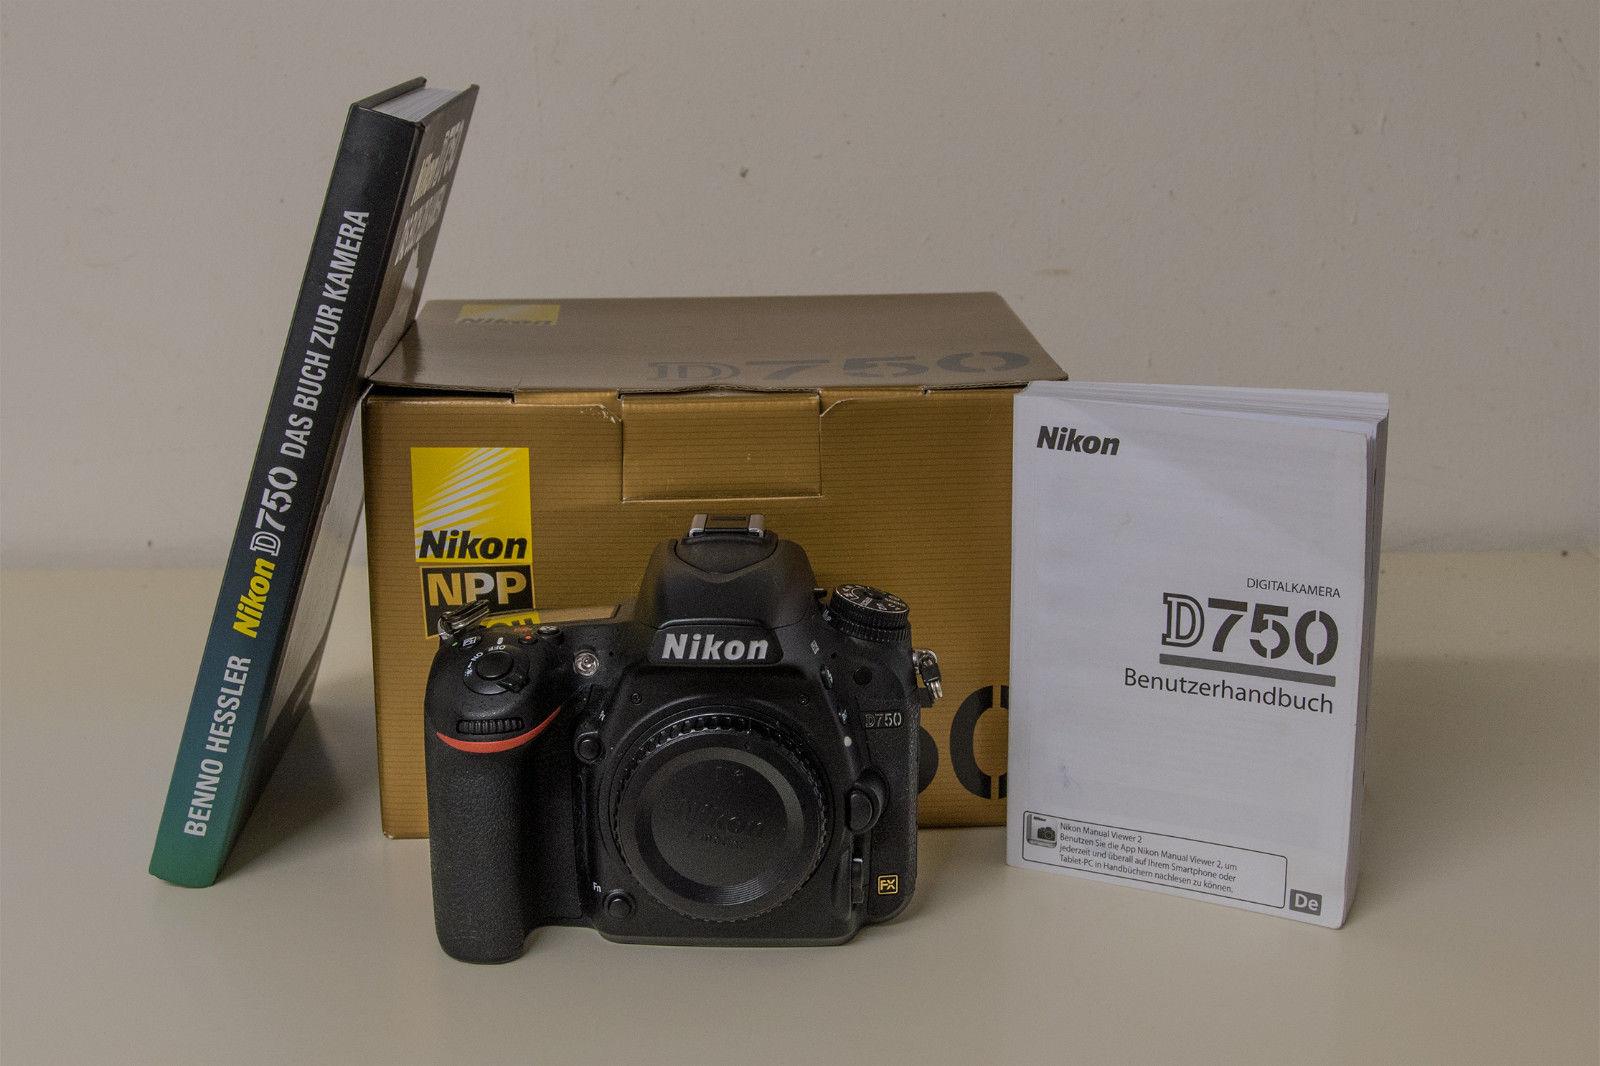 NIKON D 750, gebraucht, nur 5050 Auslösungen